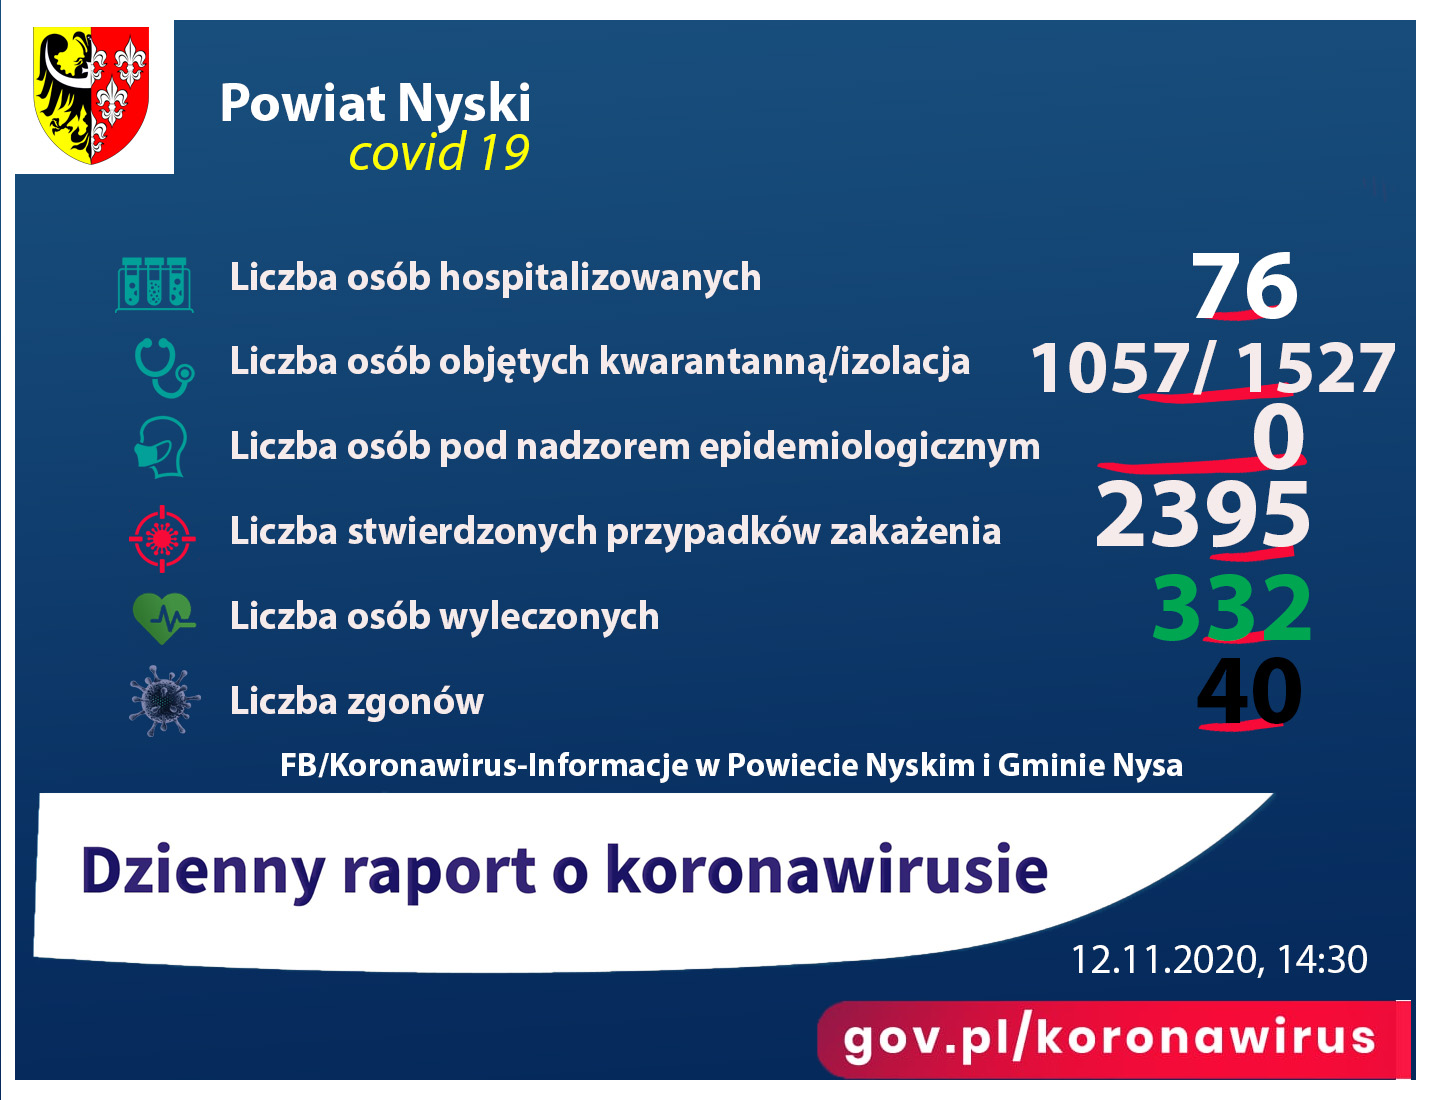 Liczba zakażonych - 2395, ozdrowieńcy - 332, kwarantanna - 1057, zgony 40